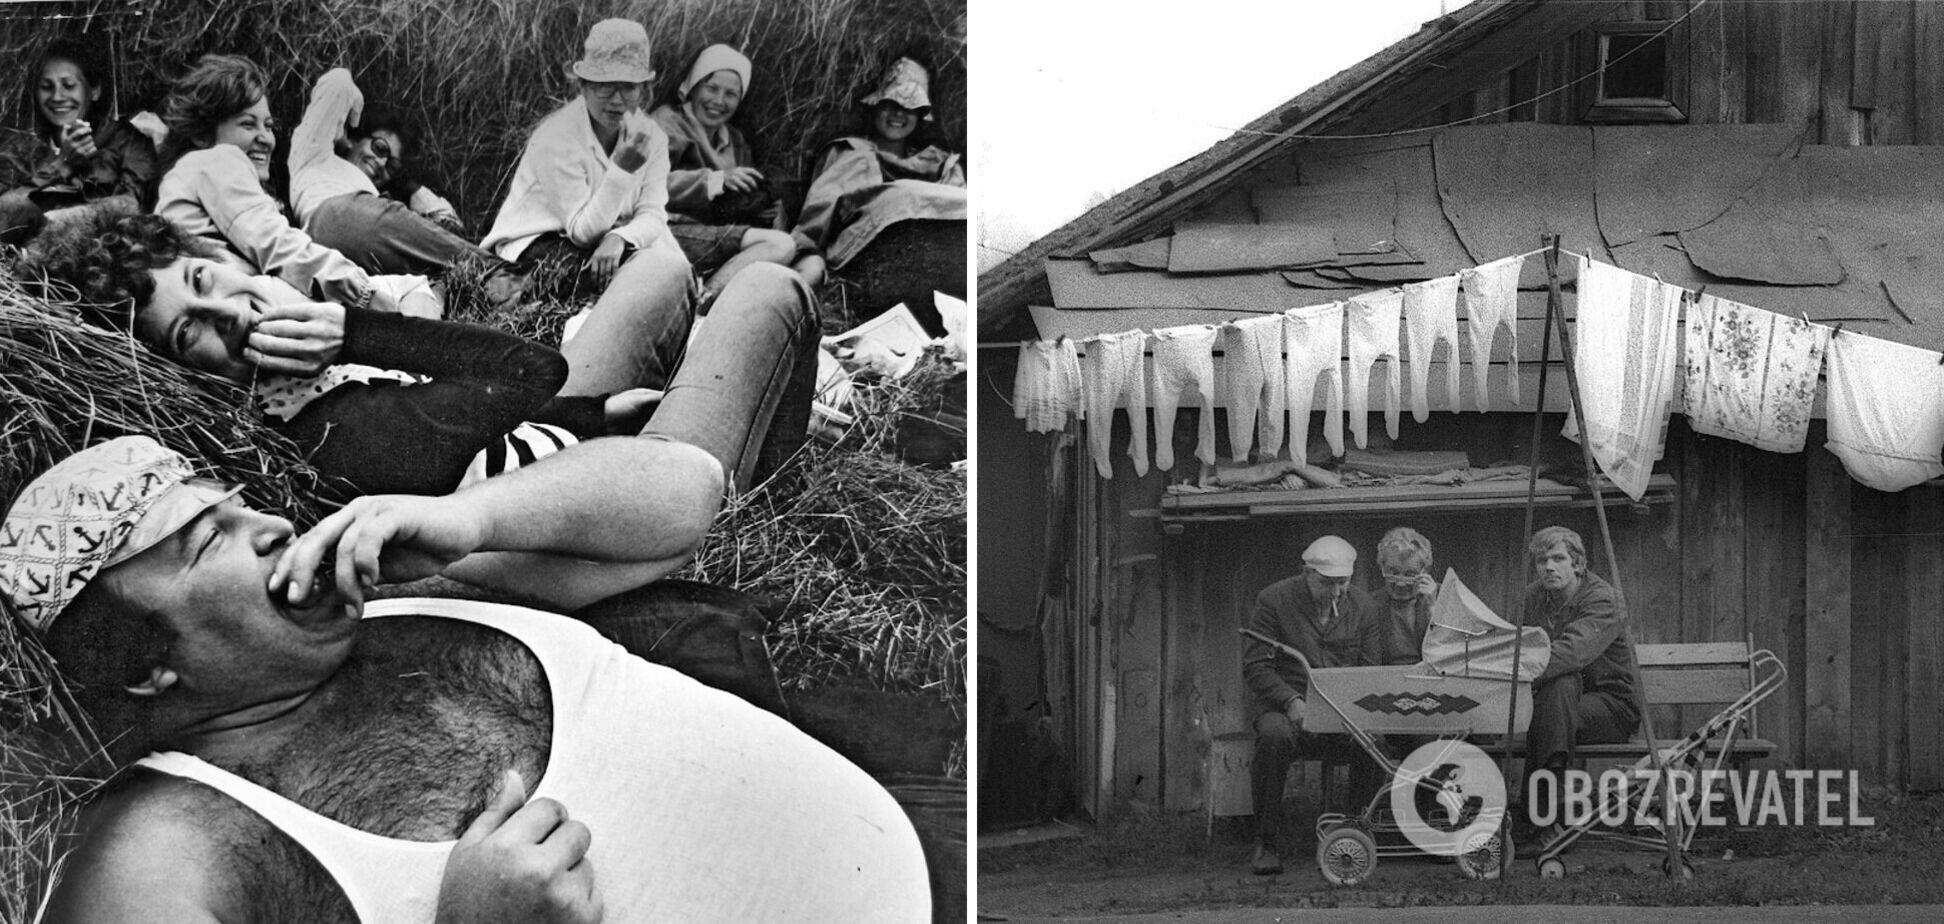 Блогер показал 'нищий' СССР на фото 70-80-х годов: редкие кадры